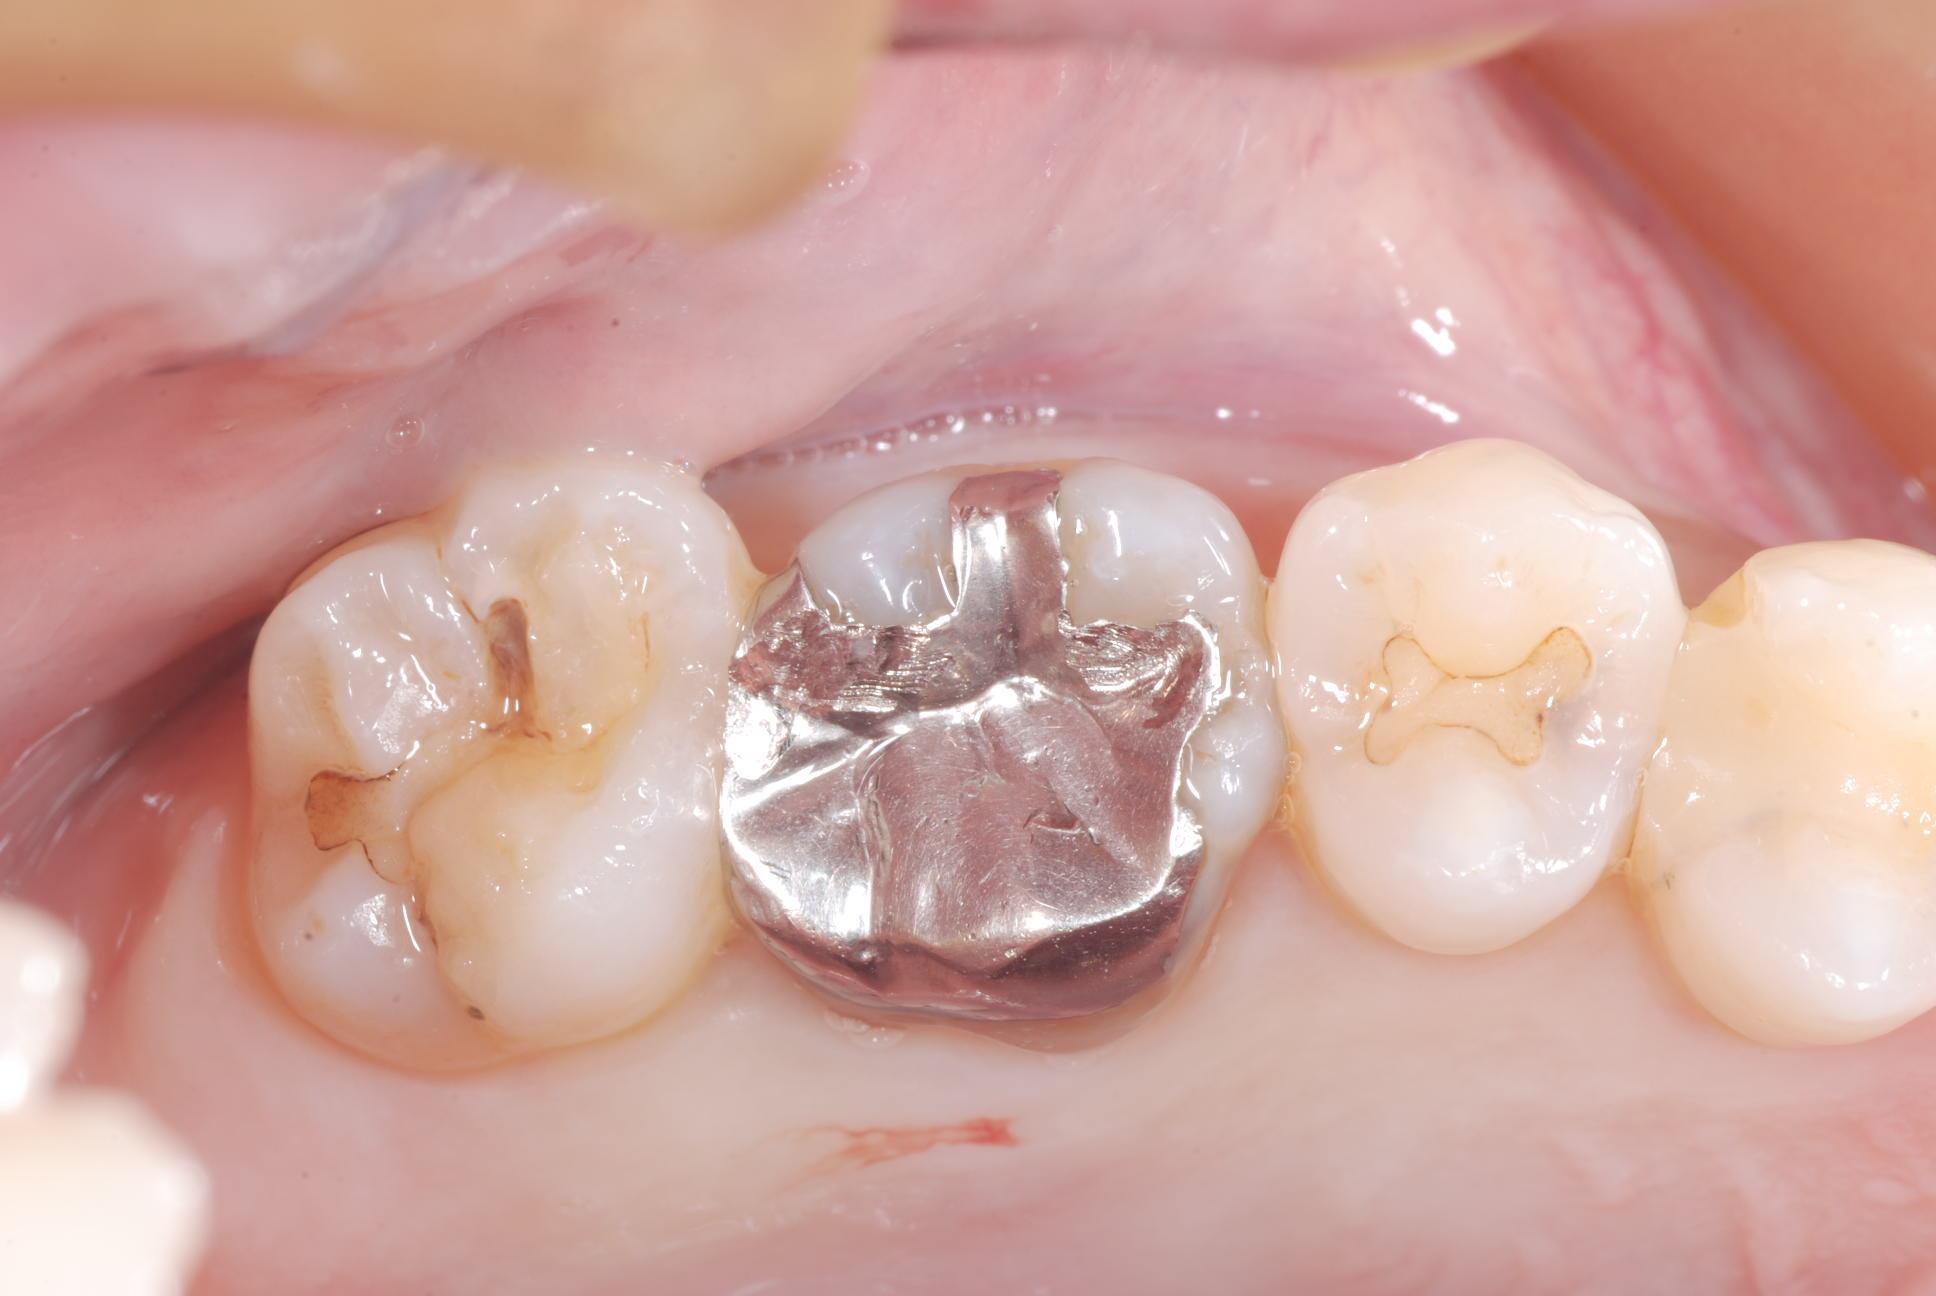 2012.05.02 象牙質歯髄複合体による感染防御_b0112648_2052088.jpg